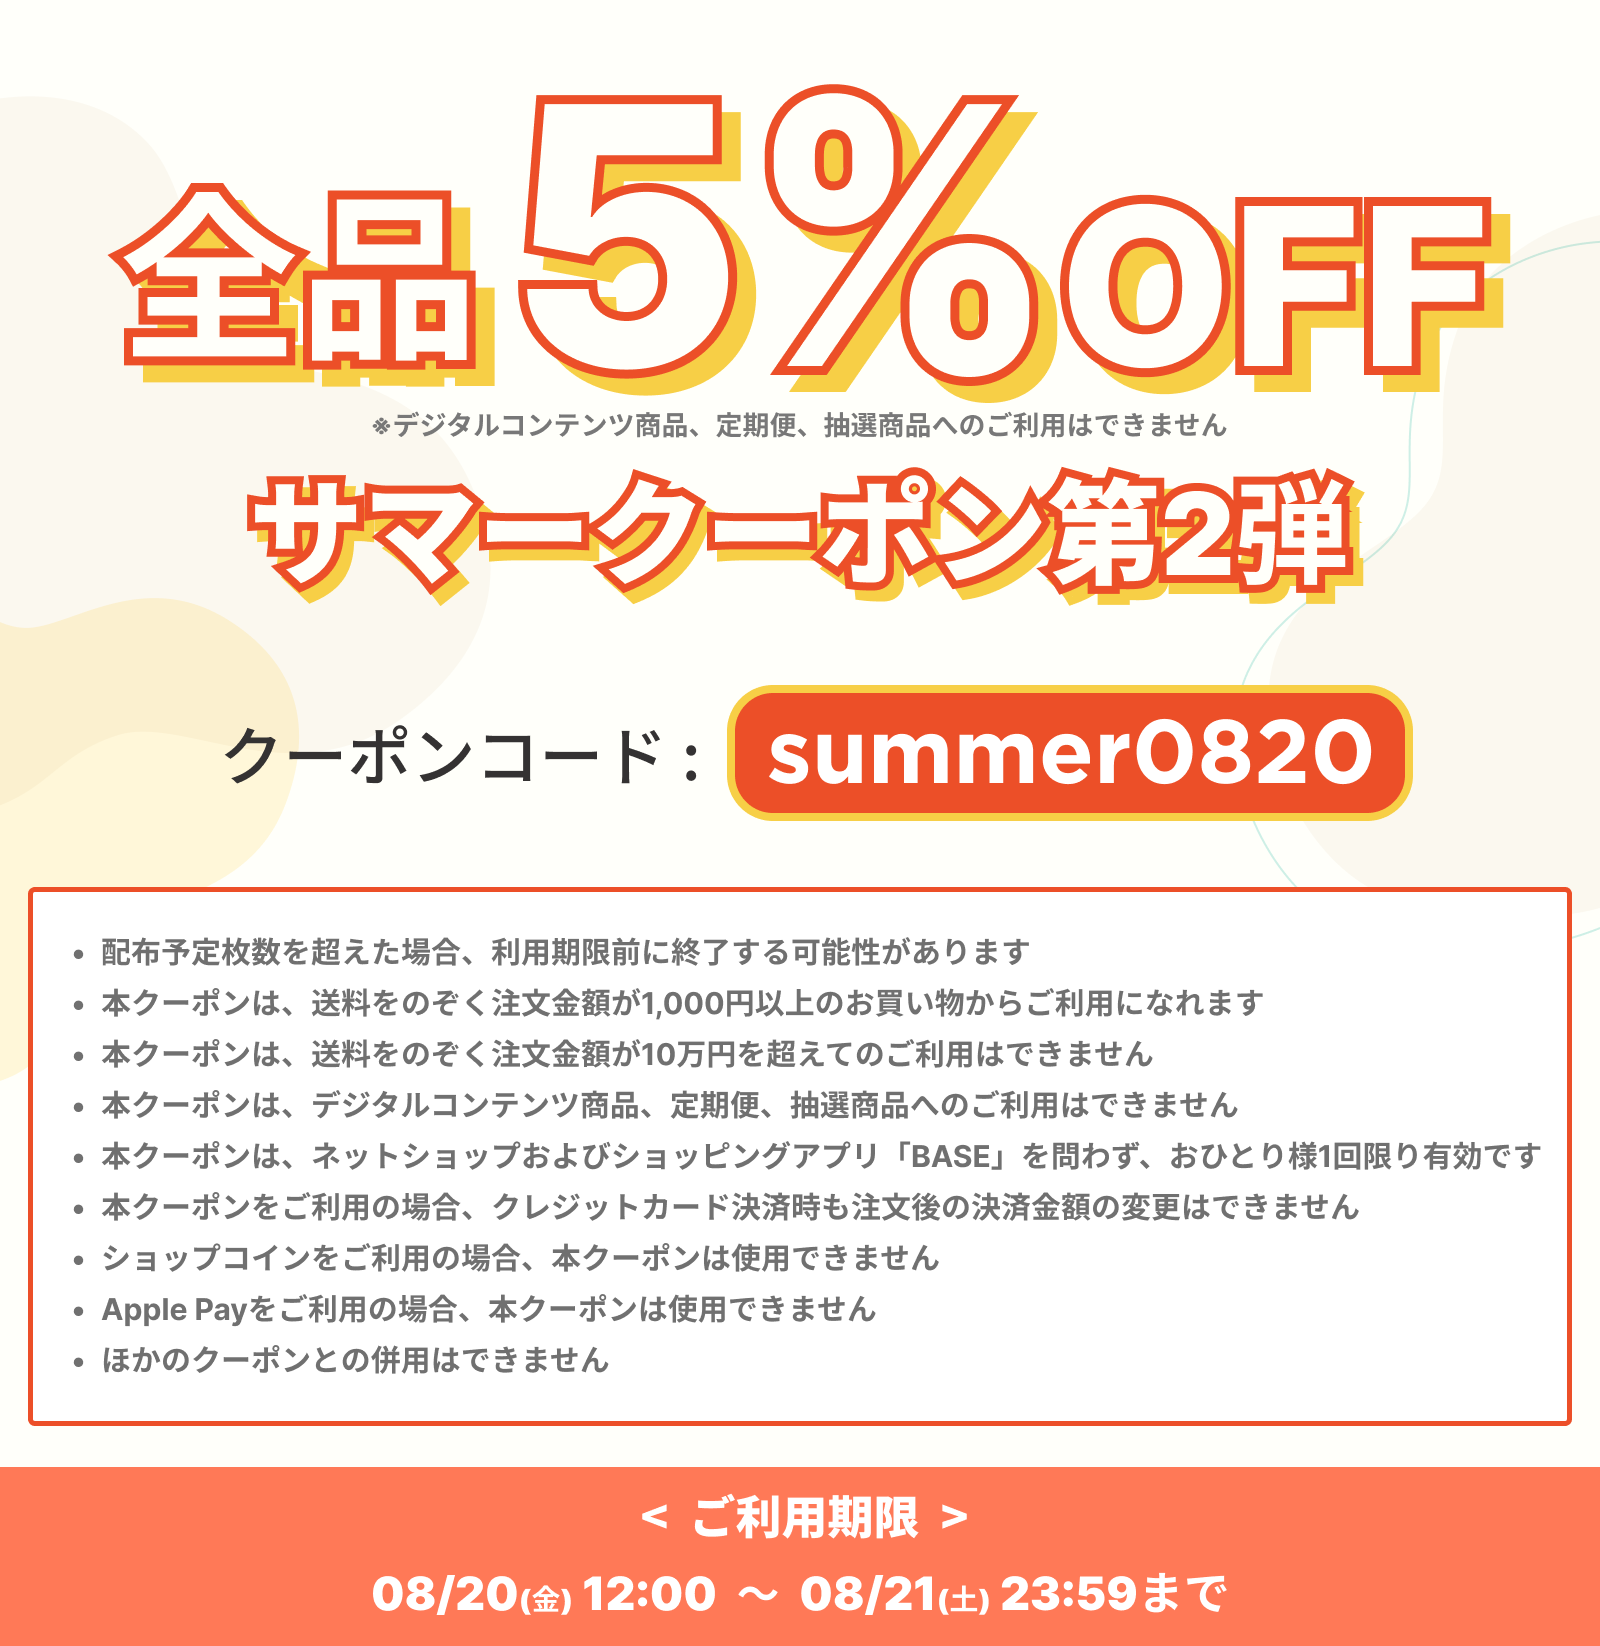 全品5%OFF!!(~8/21迄)